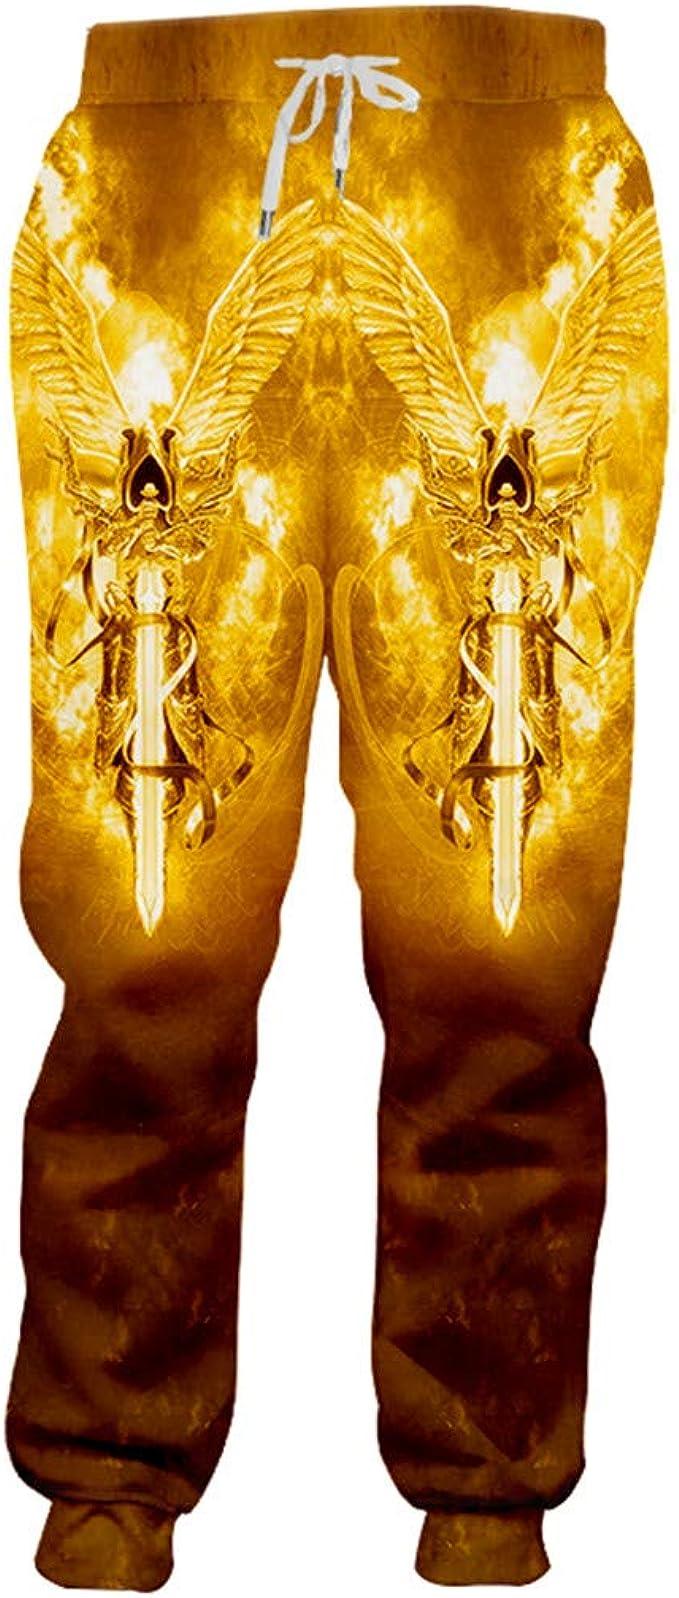 SenTenos Hombre 3D Street Style Naranja Pantalones de chándal ...